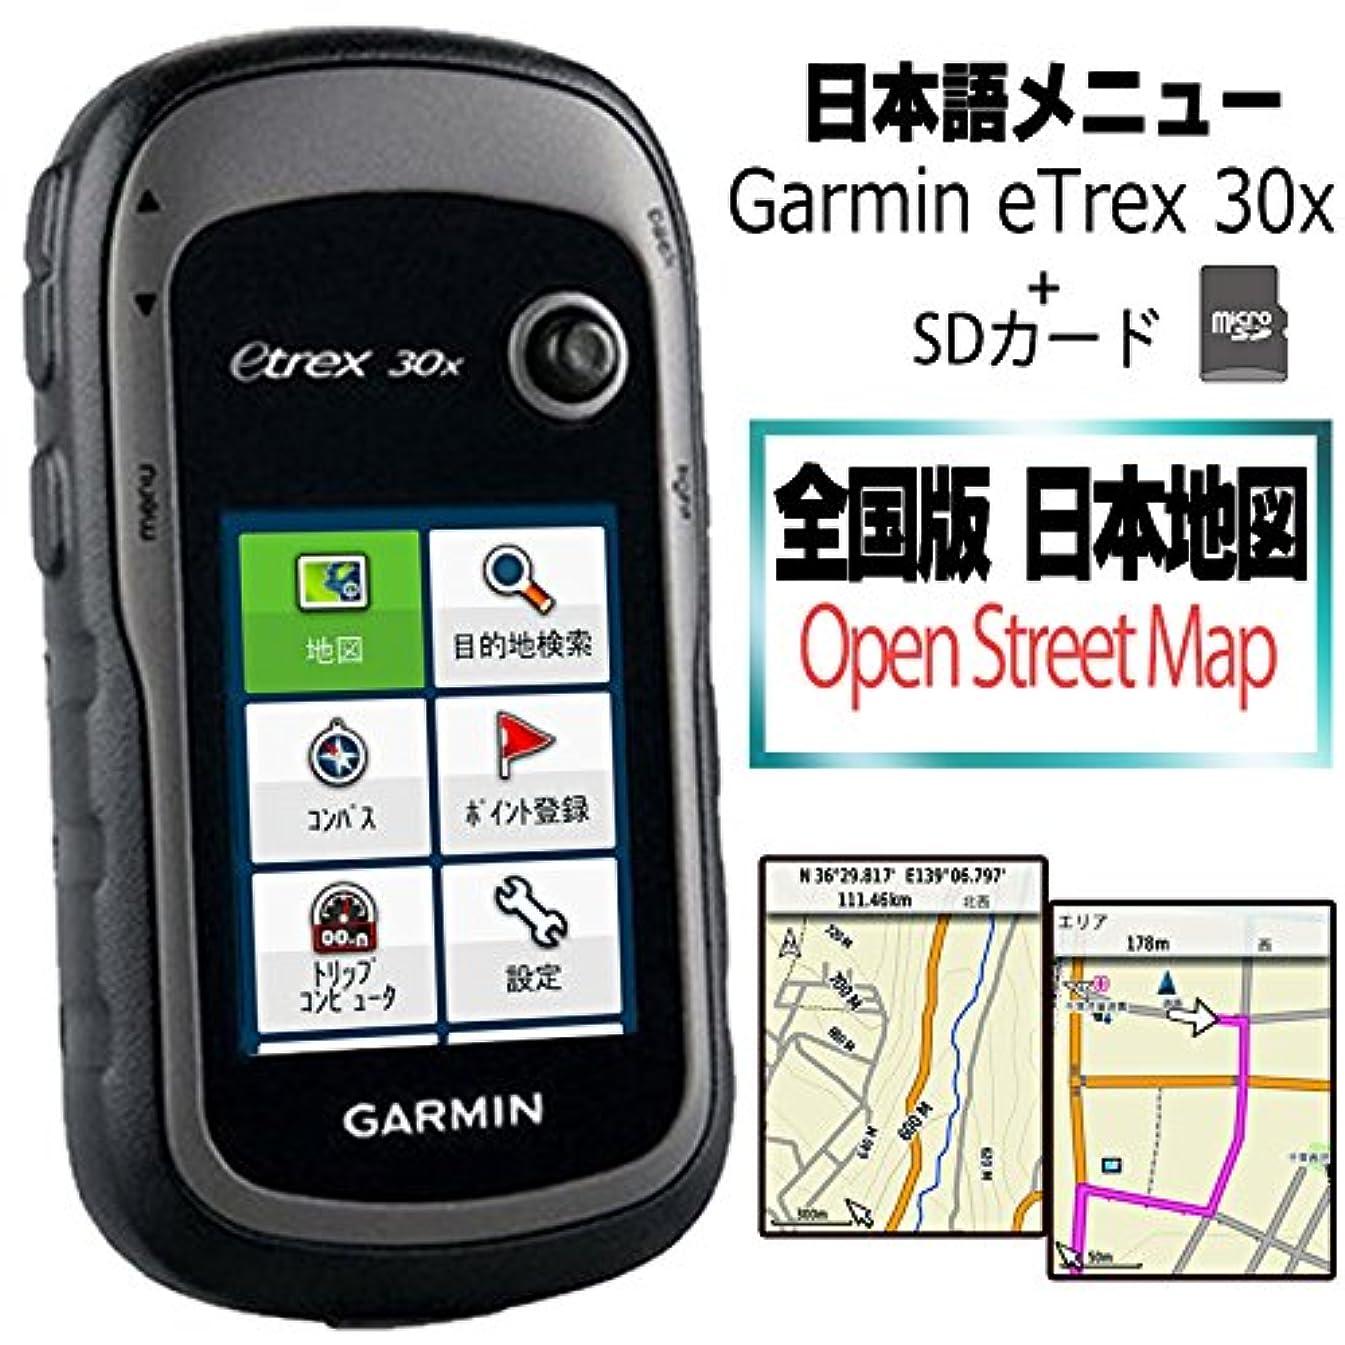 凶暴な不幸留まるGarmin eTrex 30x 英語版 日本語メニュー 全国版 OSM地図 SDカード